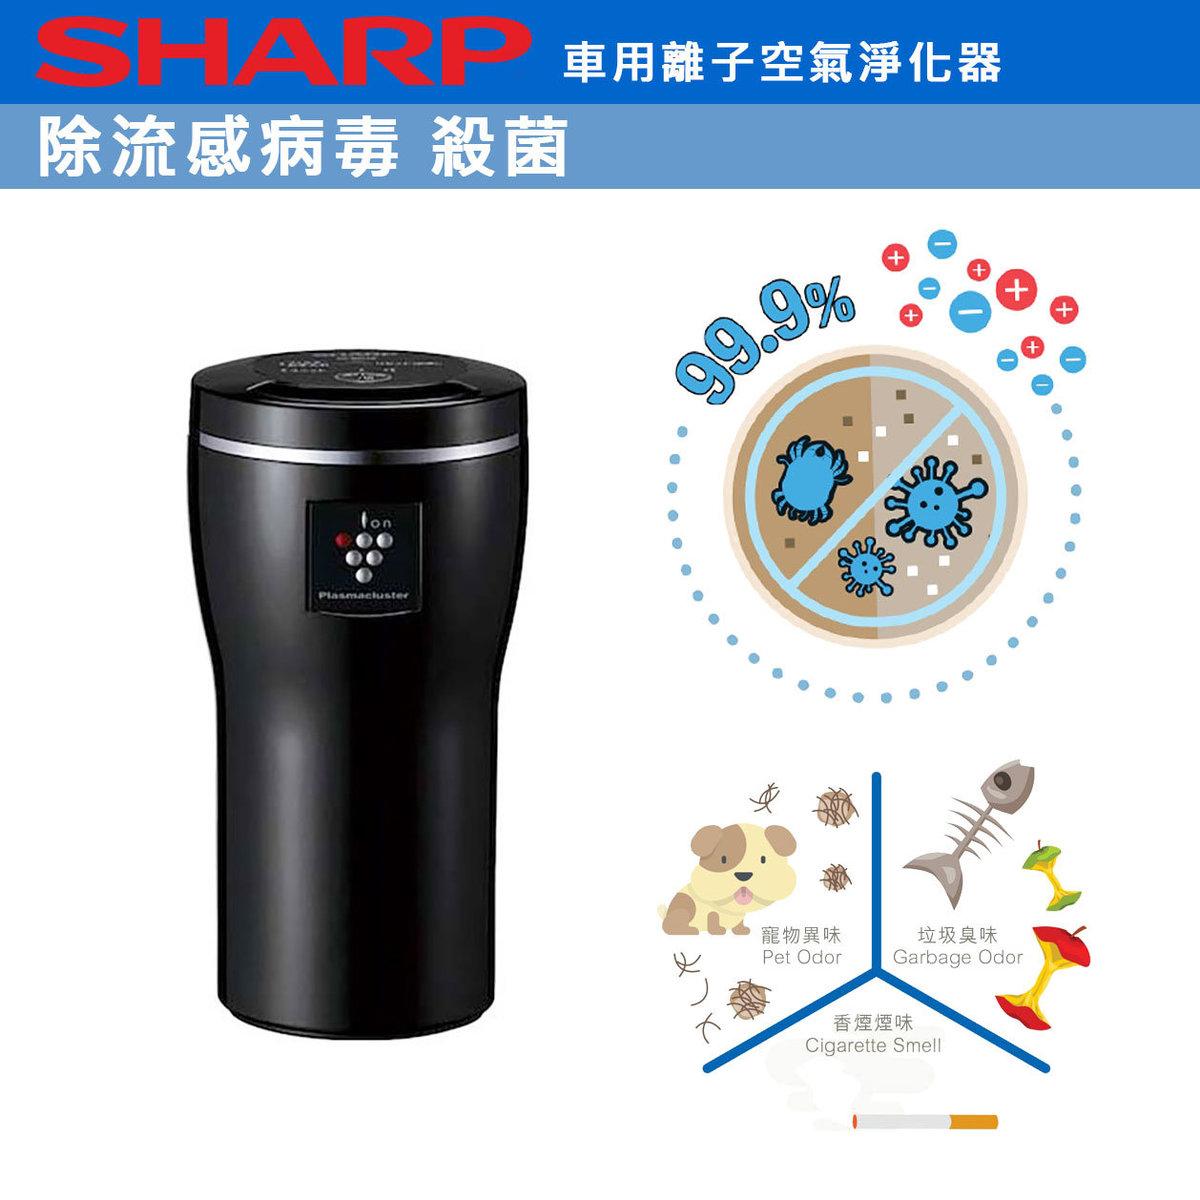 車用離子空氣清新機 IG-BC2S-B (除流感病毒 殺菌)